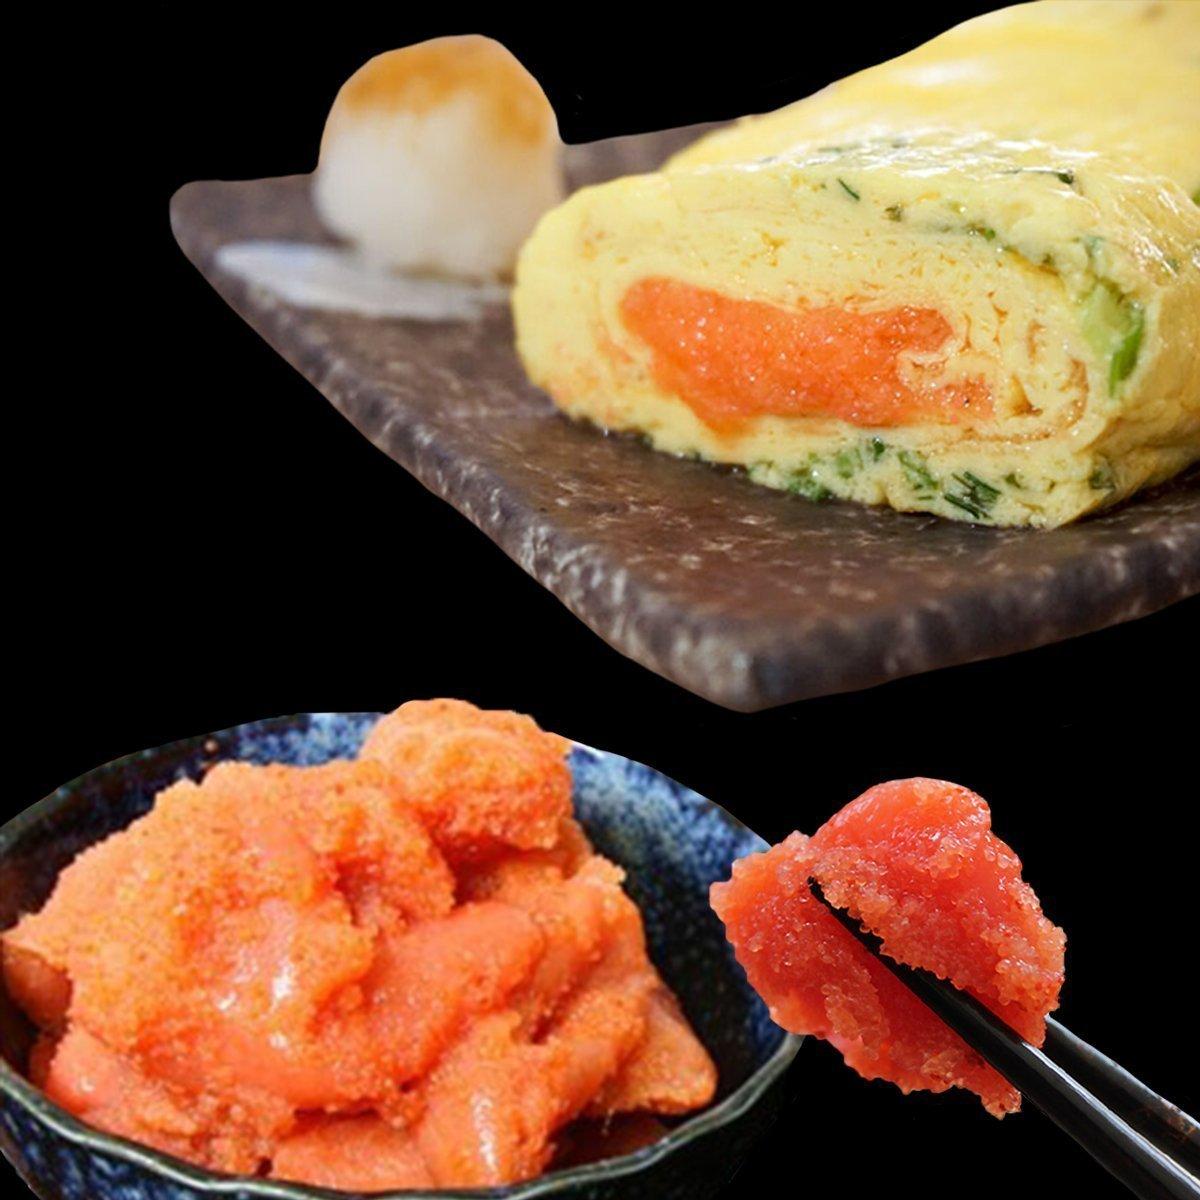 【 お買い得♪】Mentaiko Kireko 250g / 明太子 切子 お買い得なバラコ・切れ子をご提供